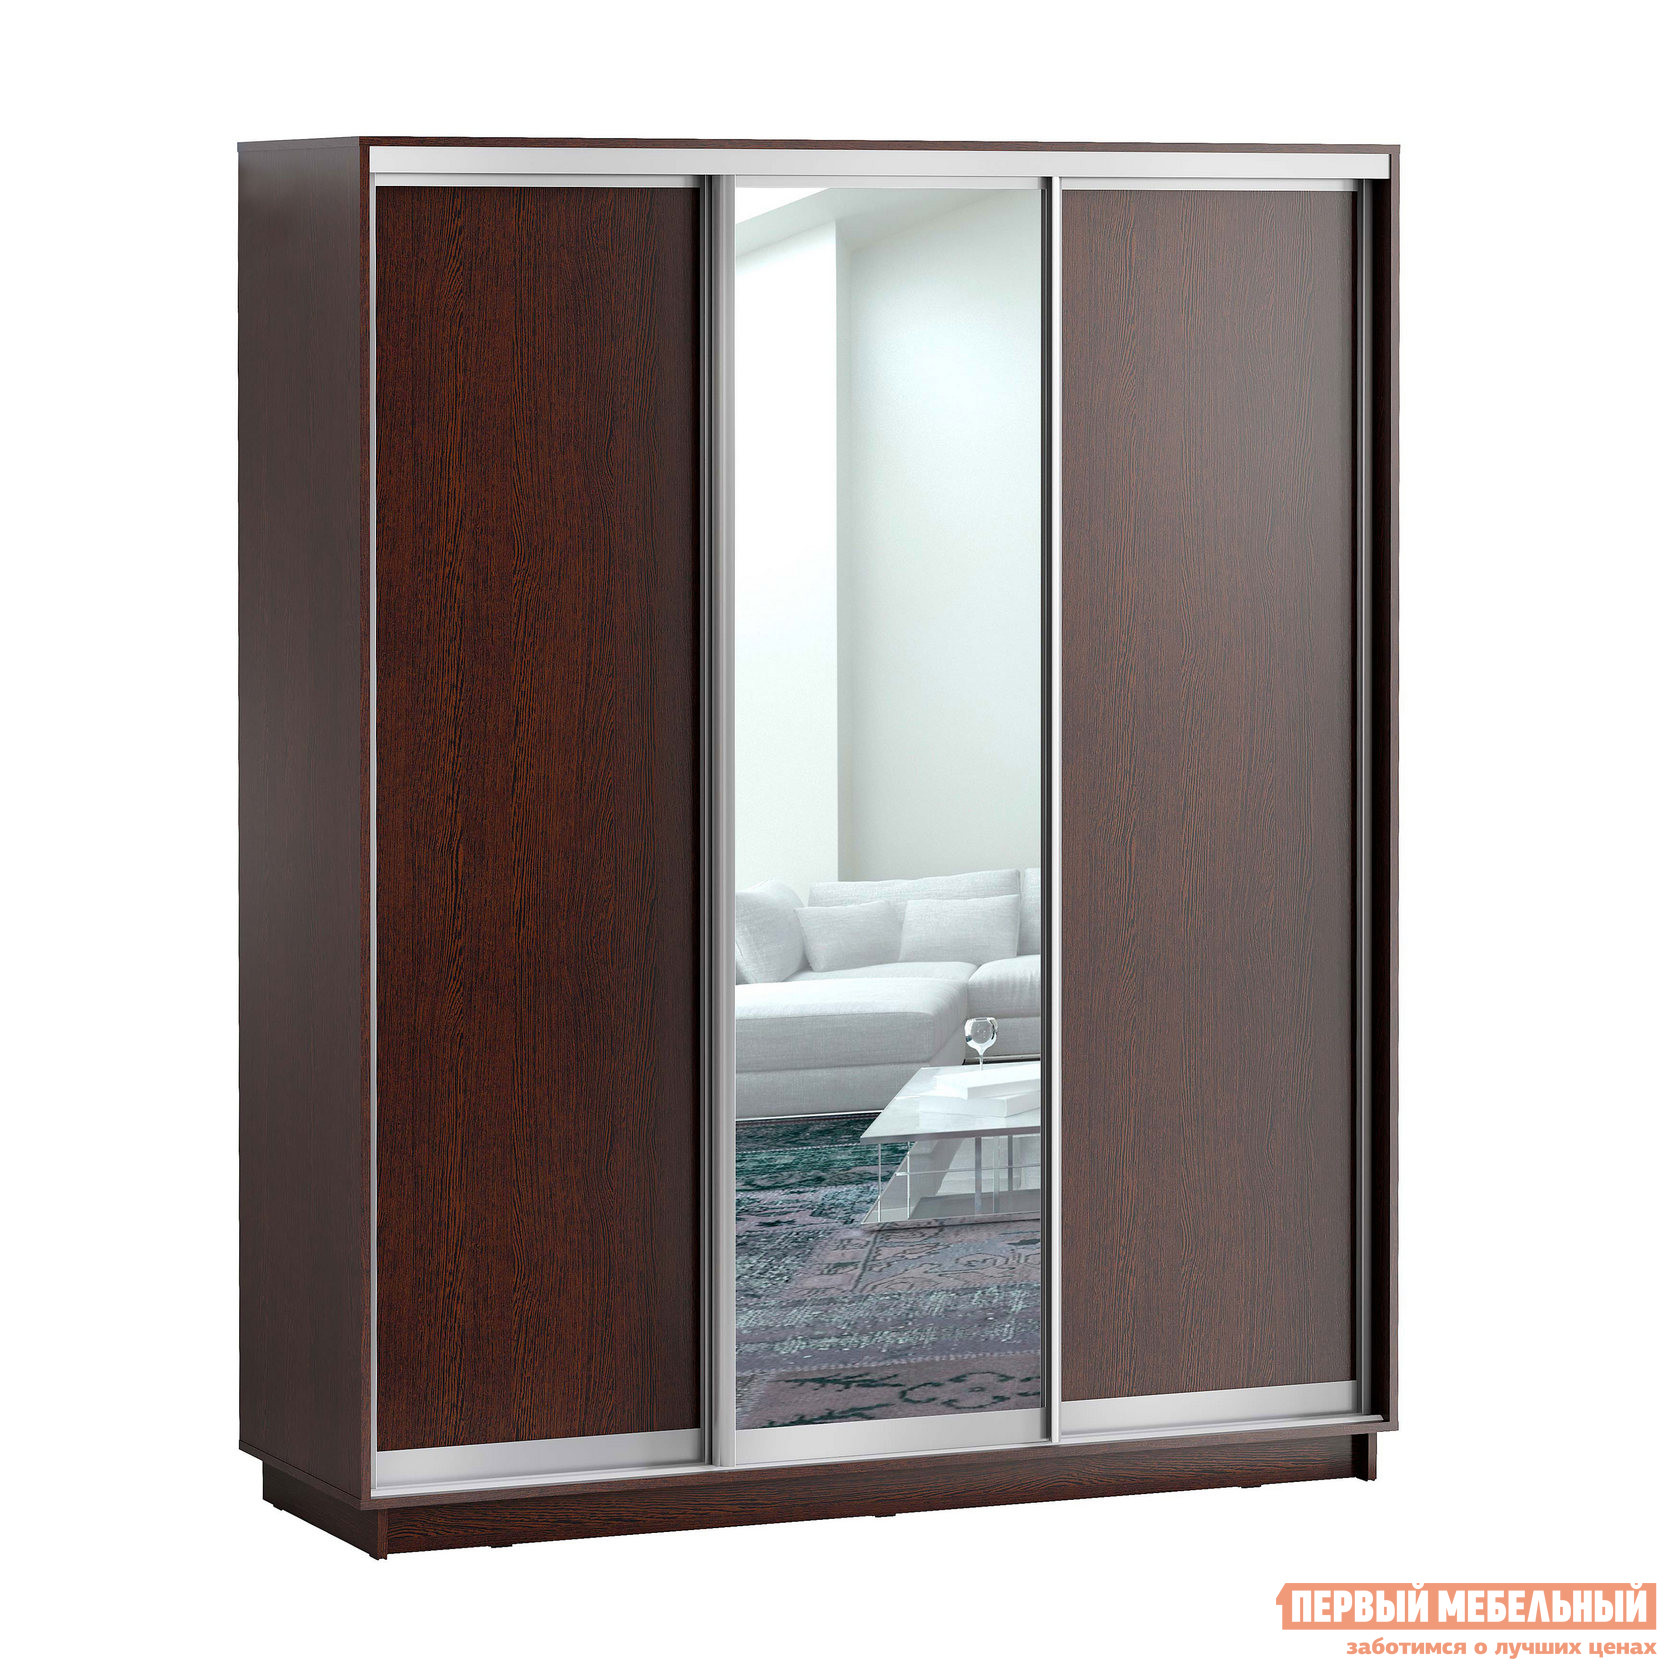 Шкаф-купе Первый Мебельный Шкаф купе Лео 3-х дверный с одним зеркалом